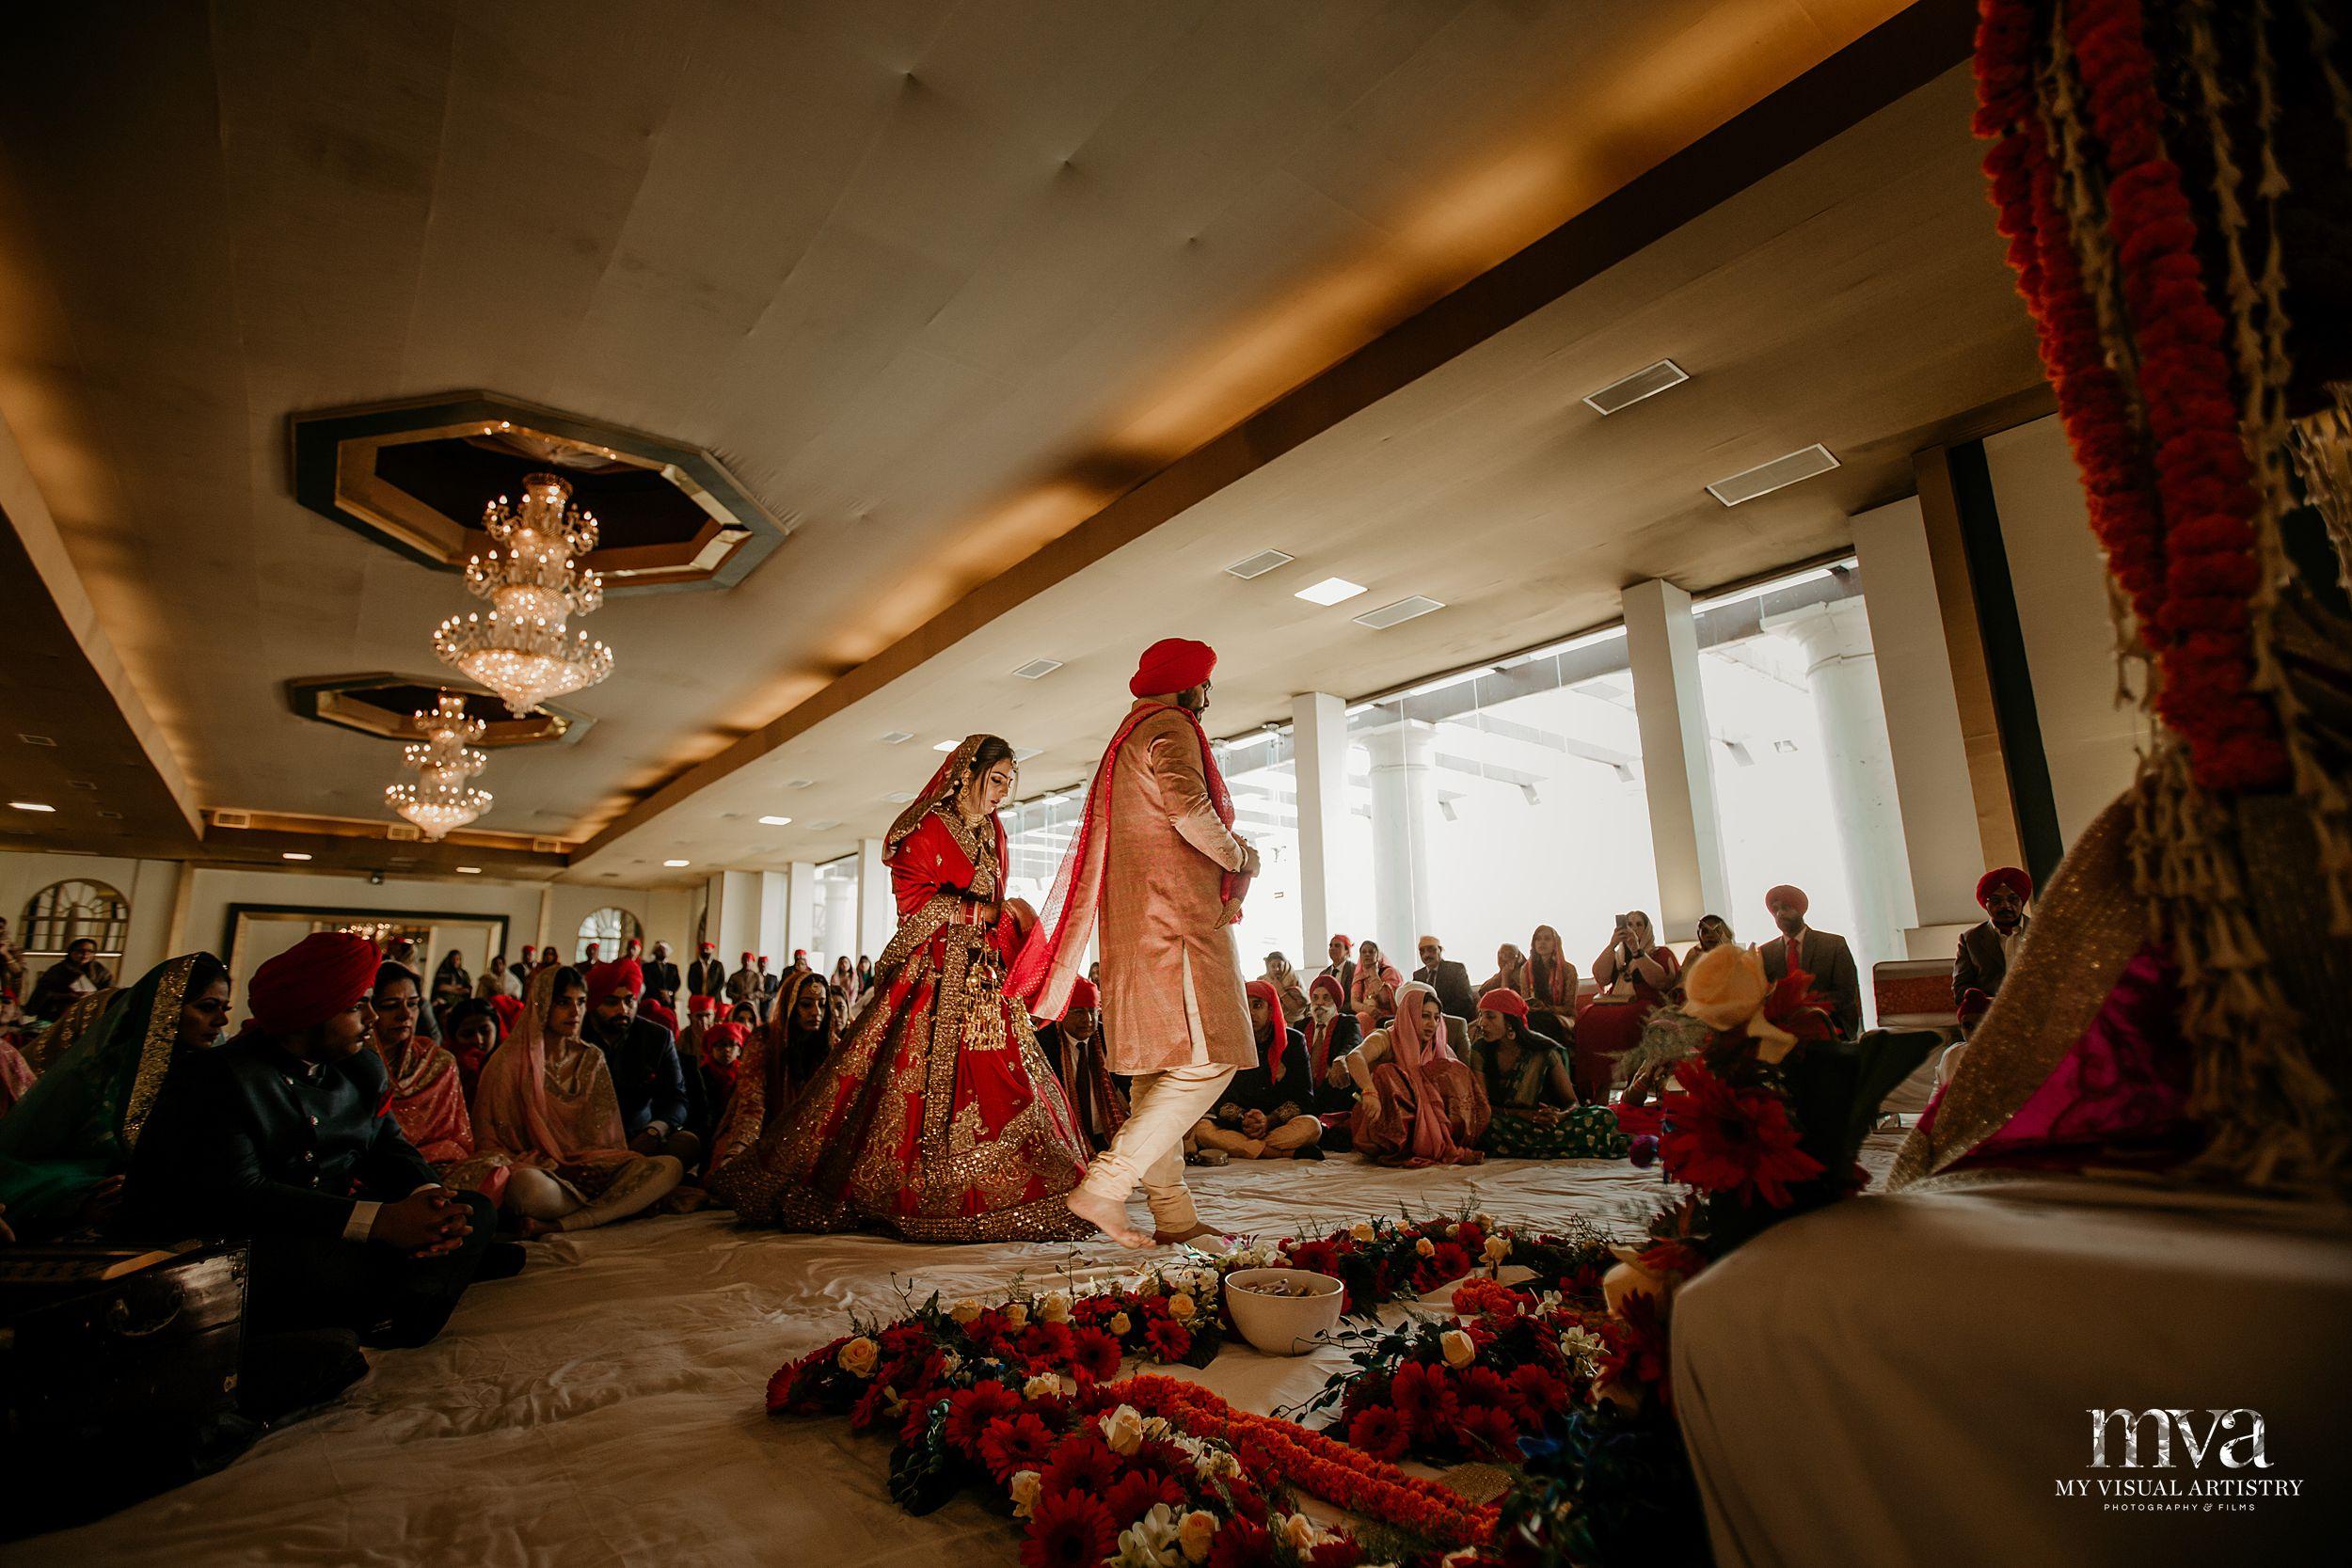 anant_arundhati_myvisualartistry_mva_wedding_sikh_ - 336.jpg